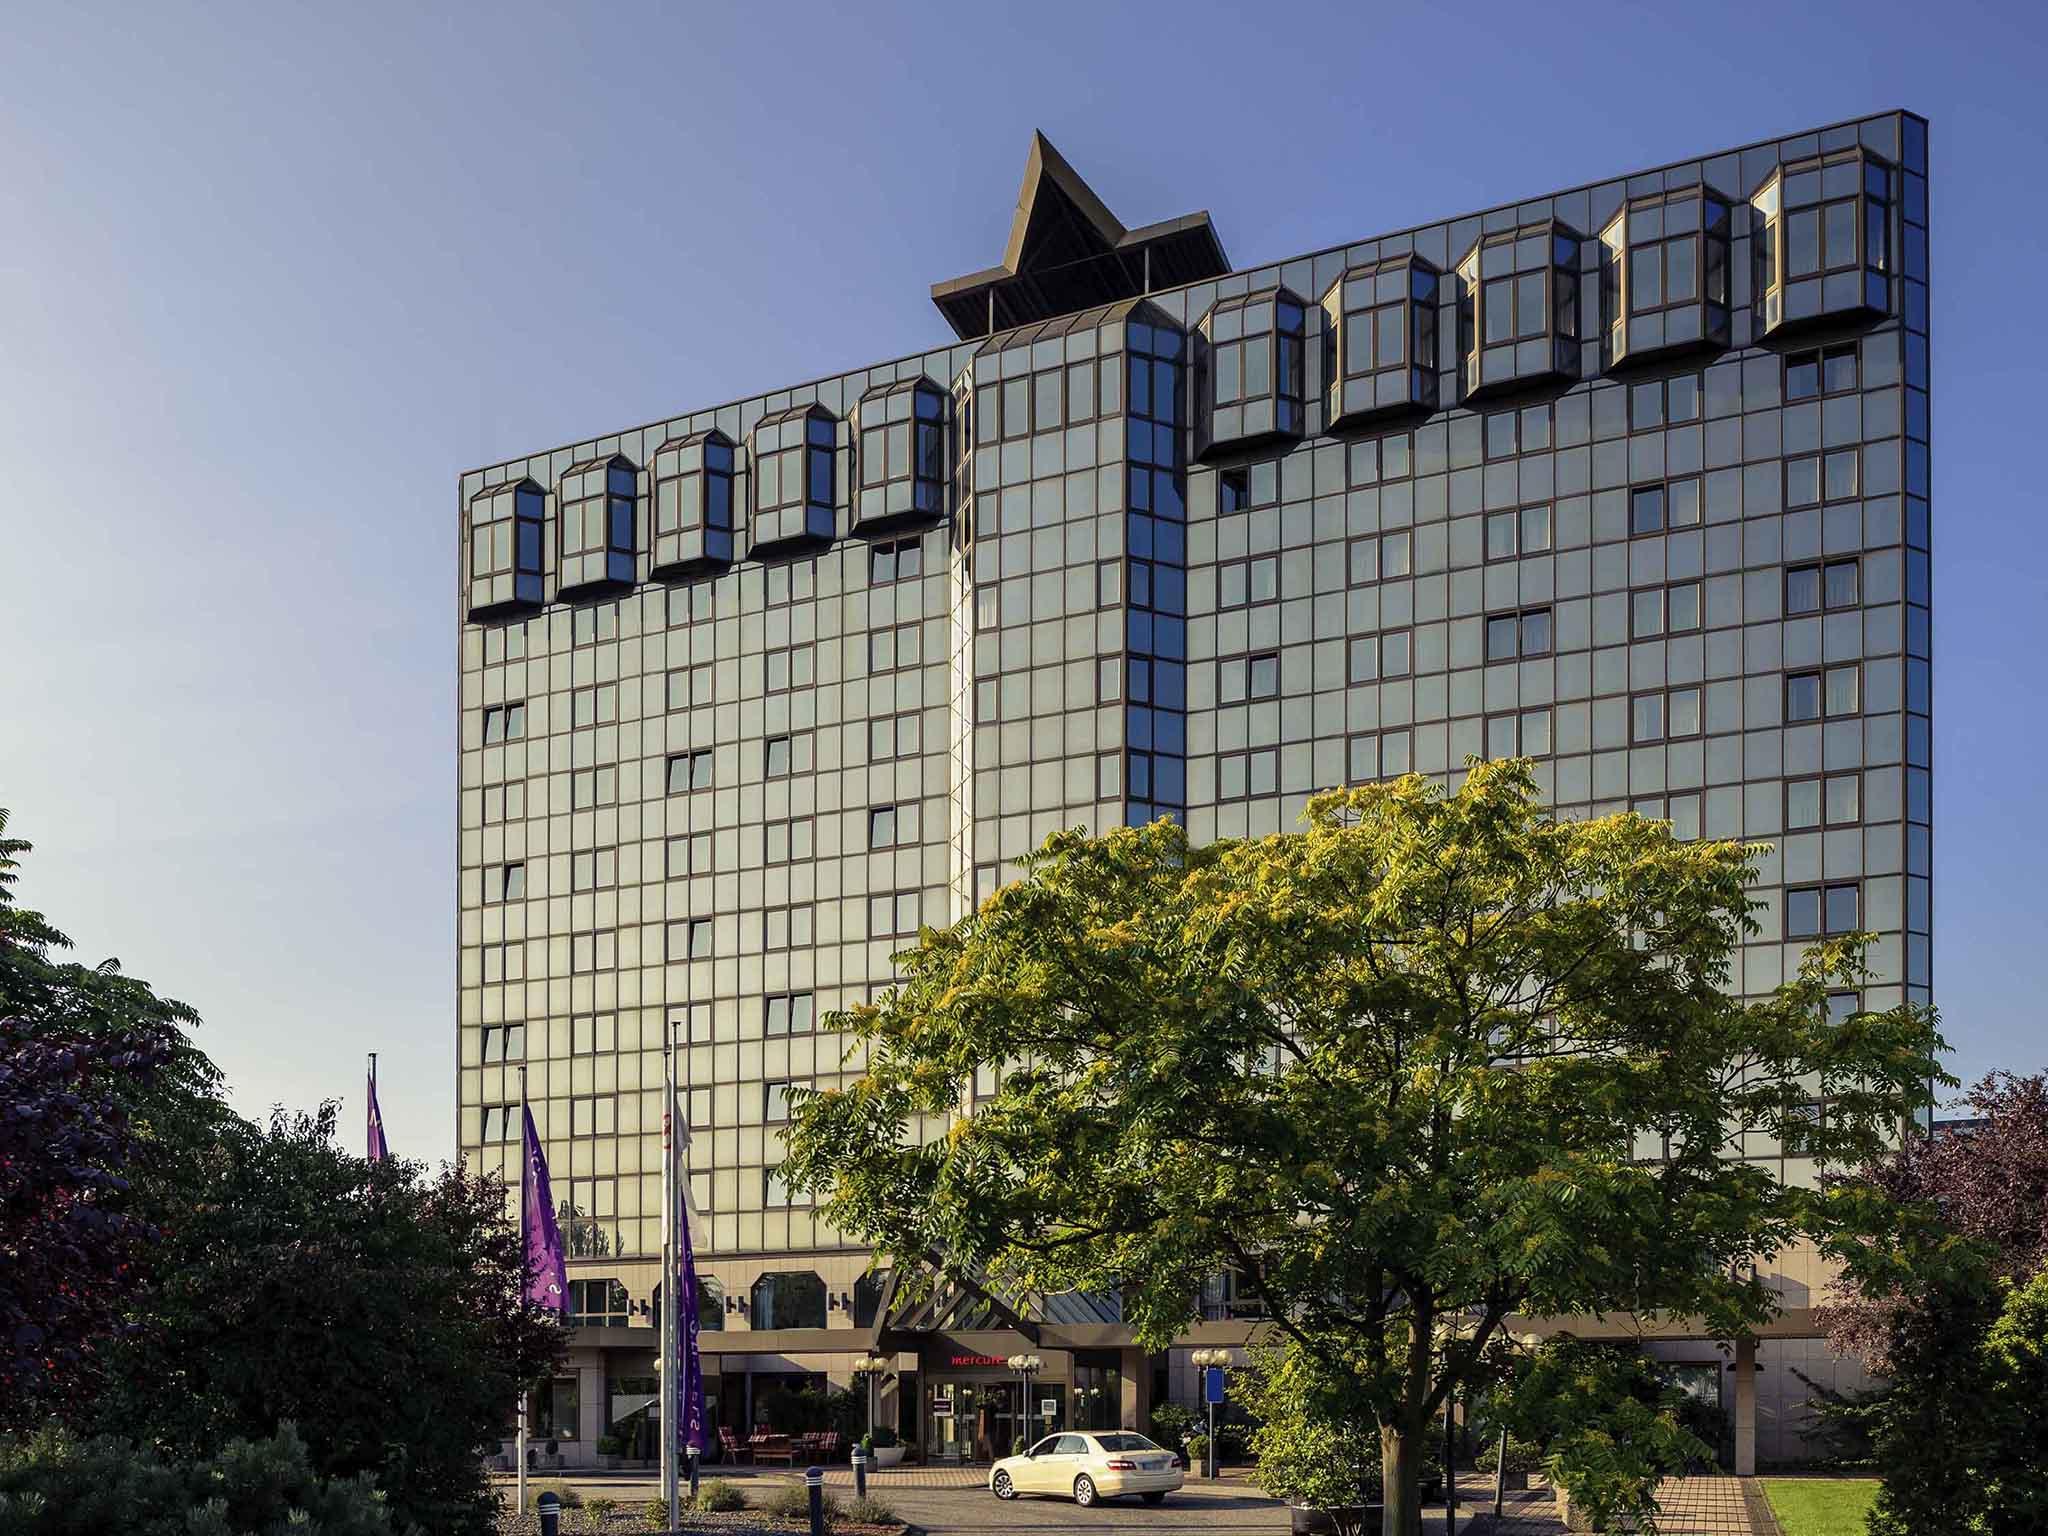 Hotell – Mercure Hotel Koblenz